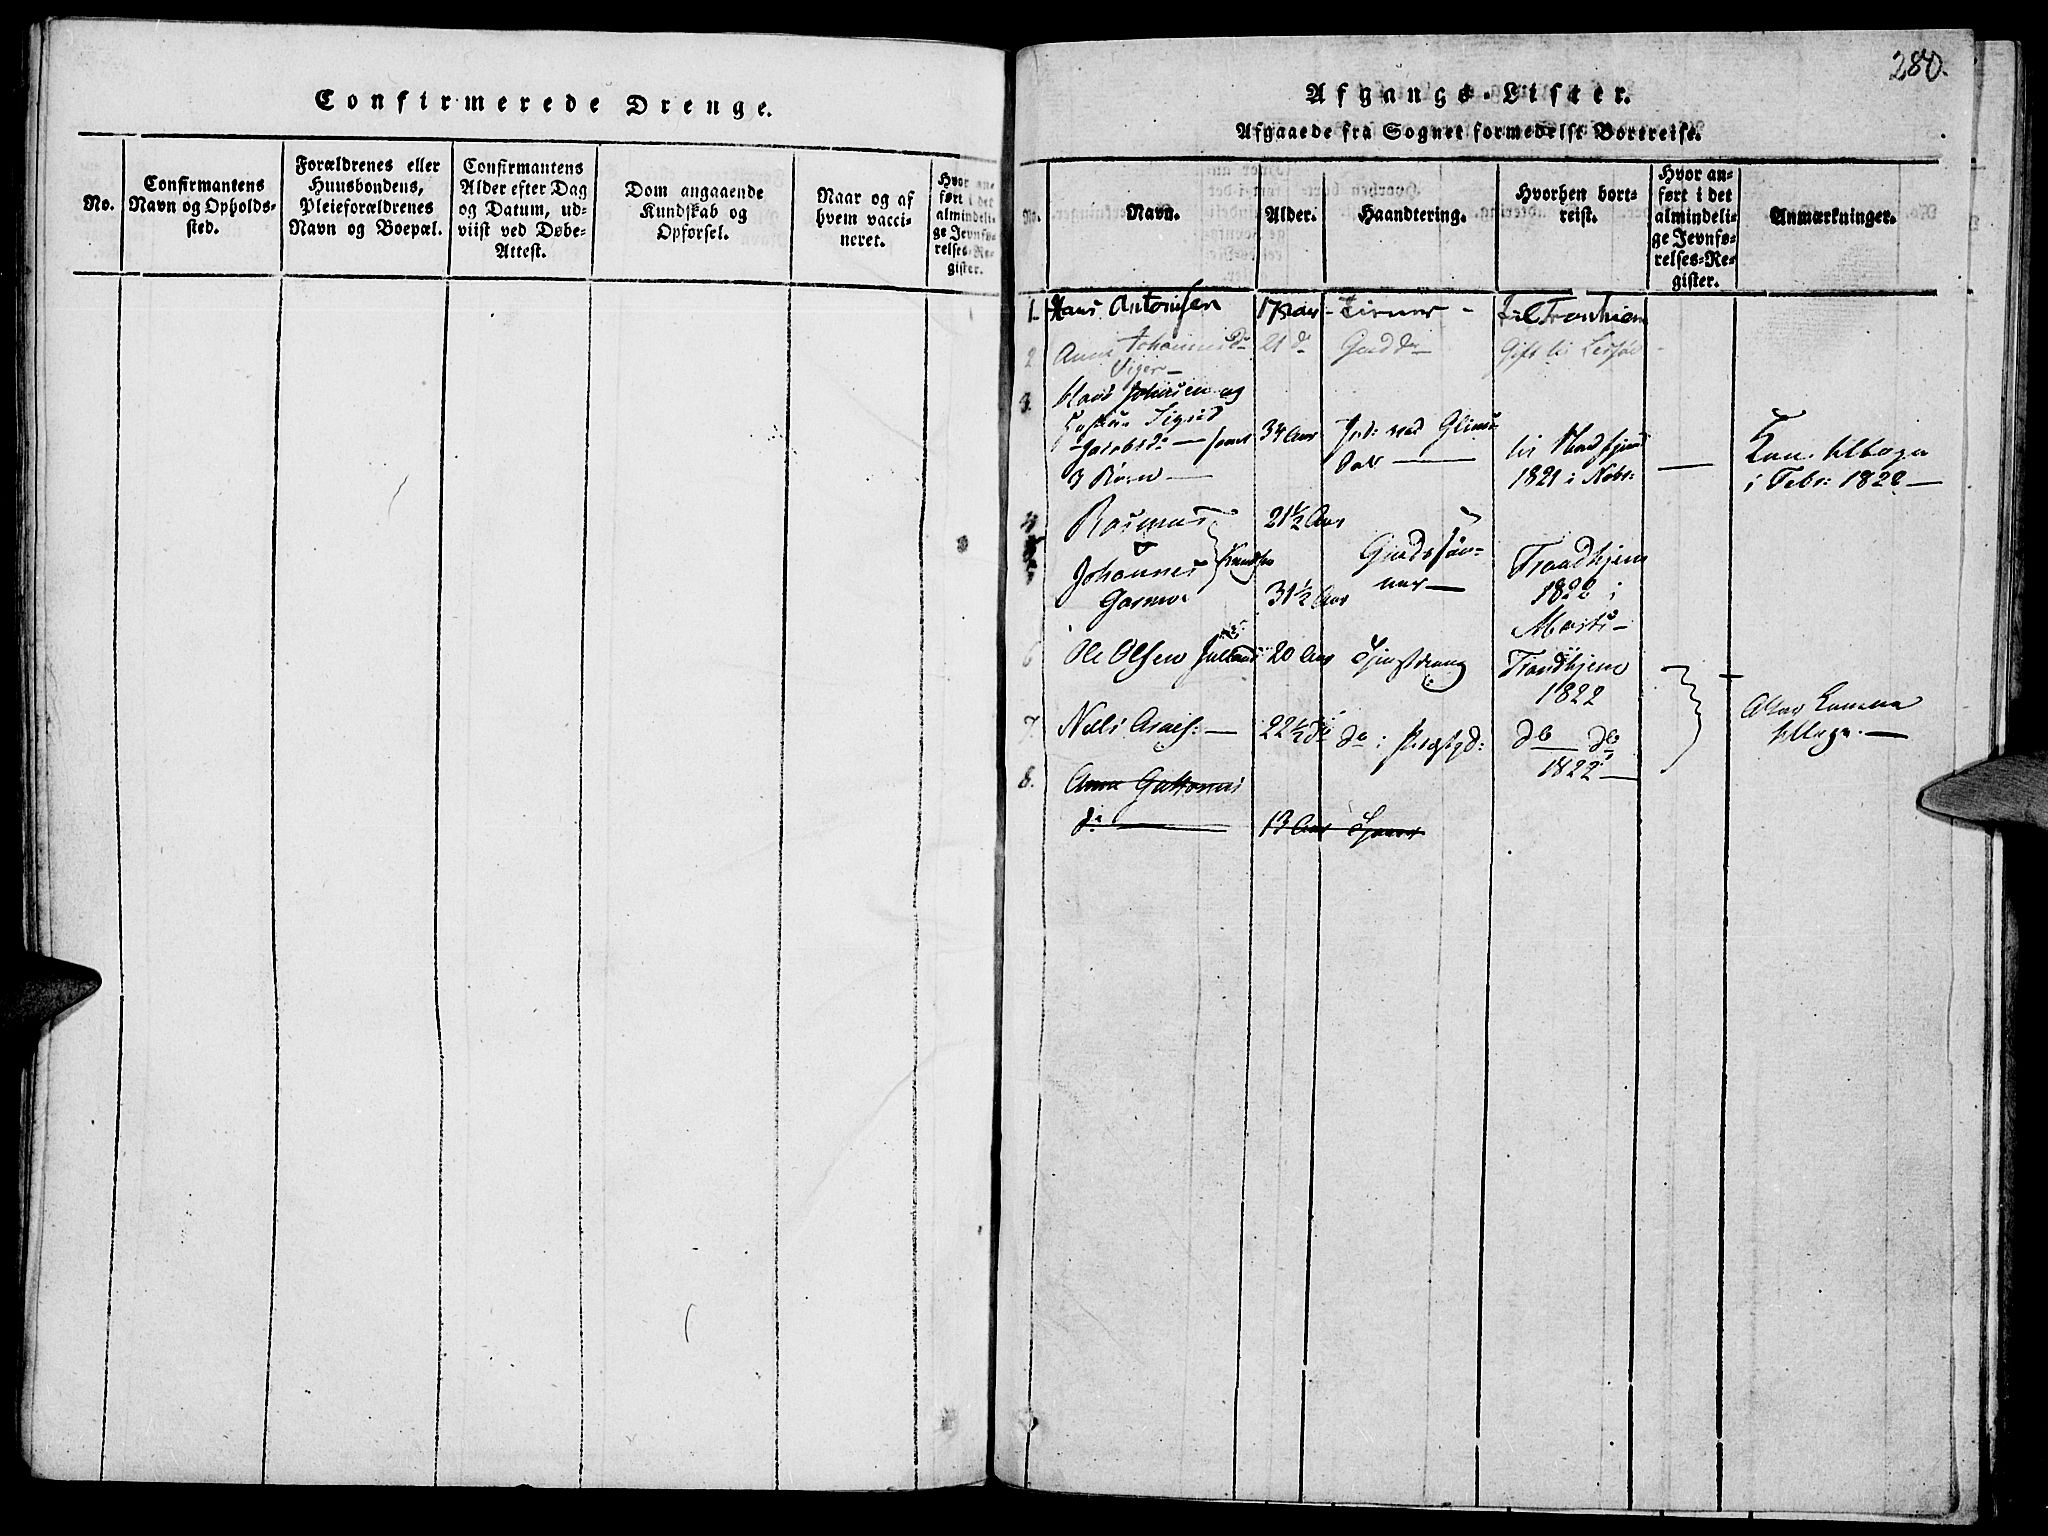 SAH, Lom prestekontor, K/L0004: Ministerialbok nr. 4, 1815-1825, s. 280